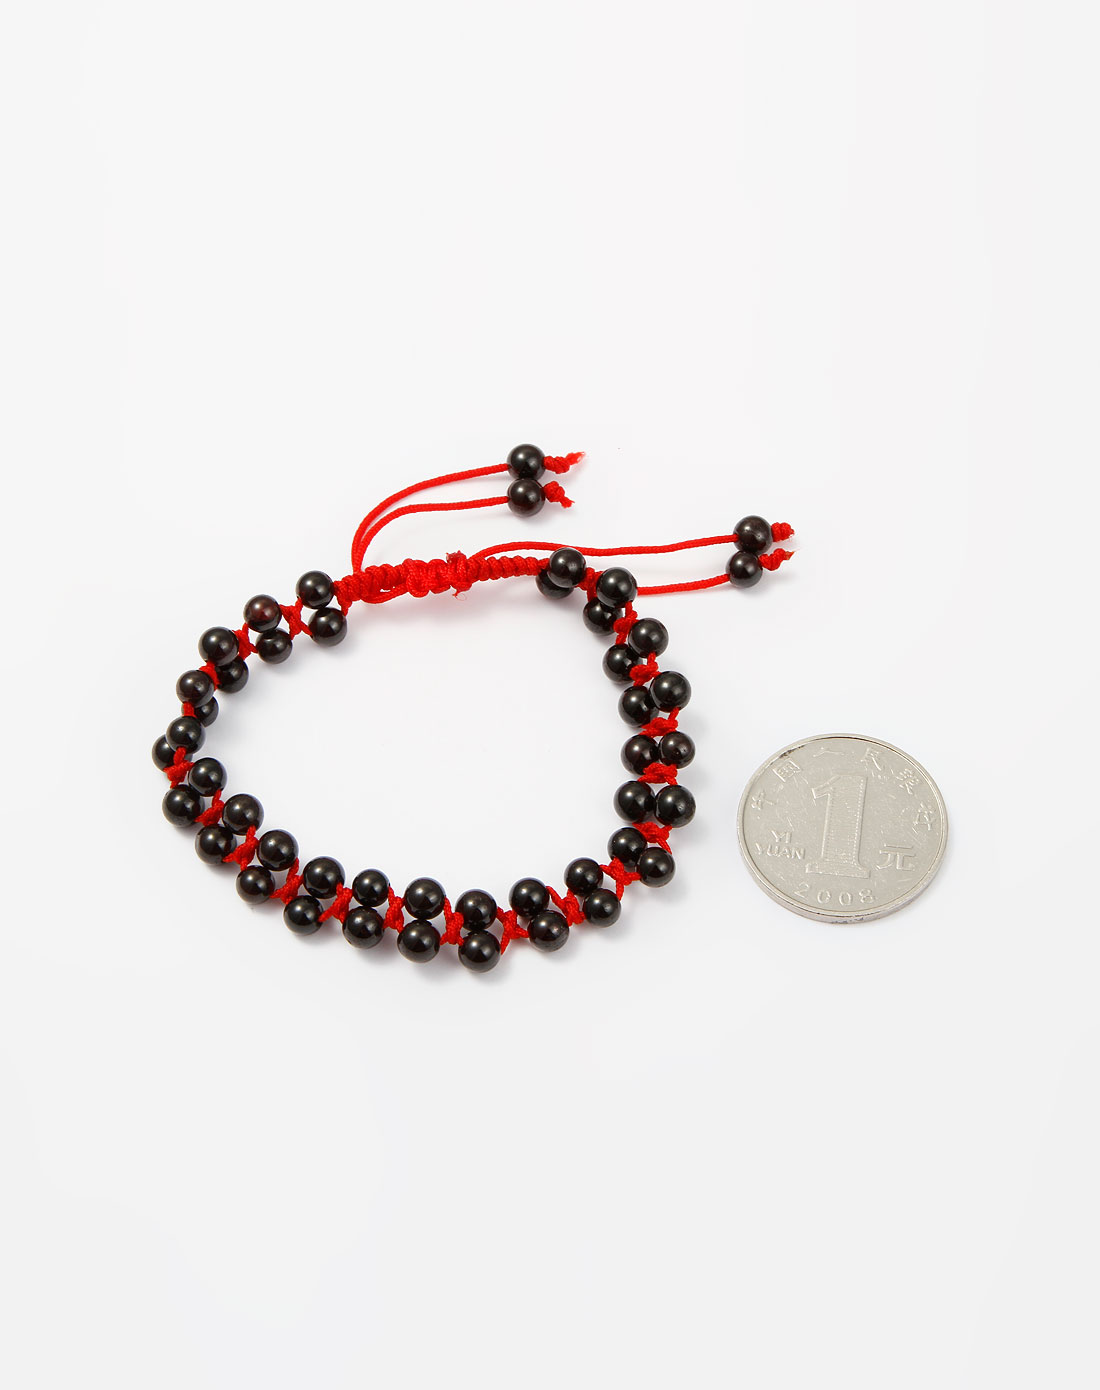 暗红色石榴石手编绳手链